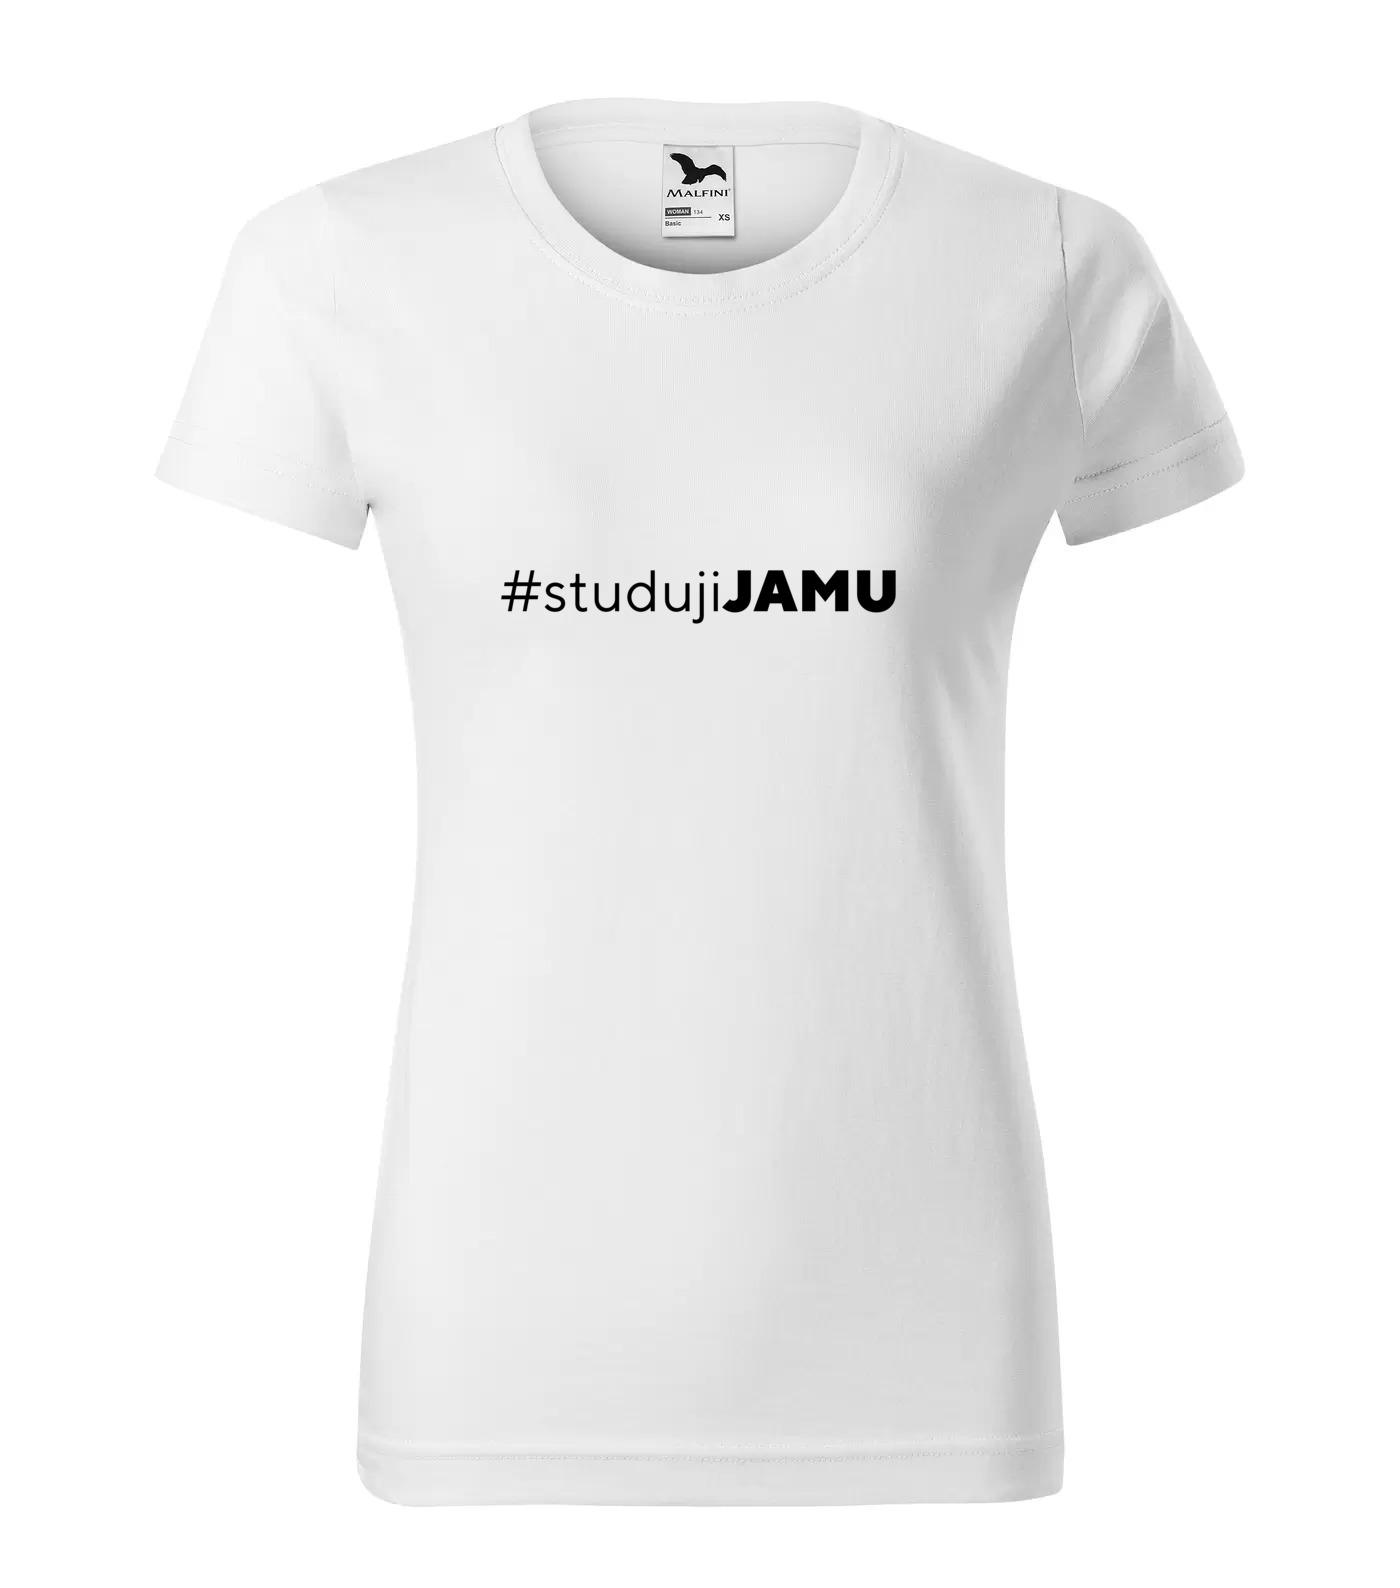 Tričko pro vysokoškoláky Studuji JAMU